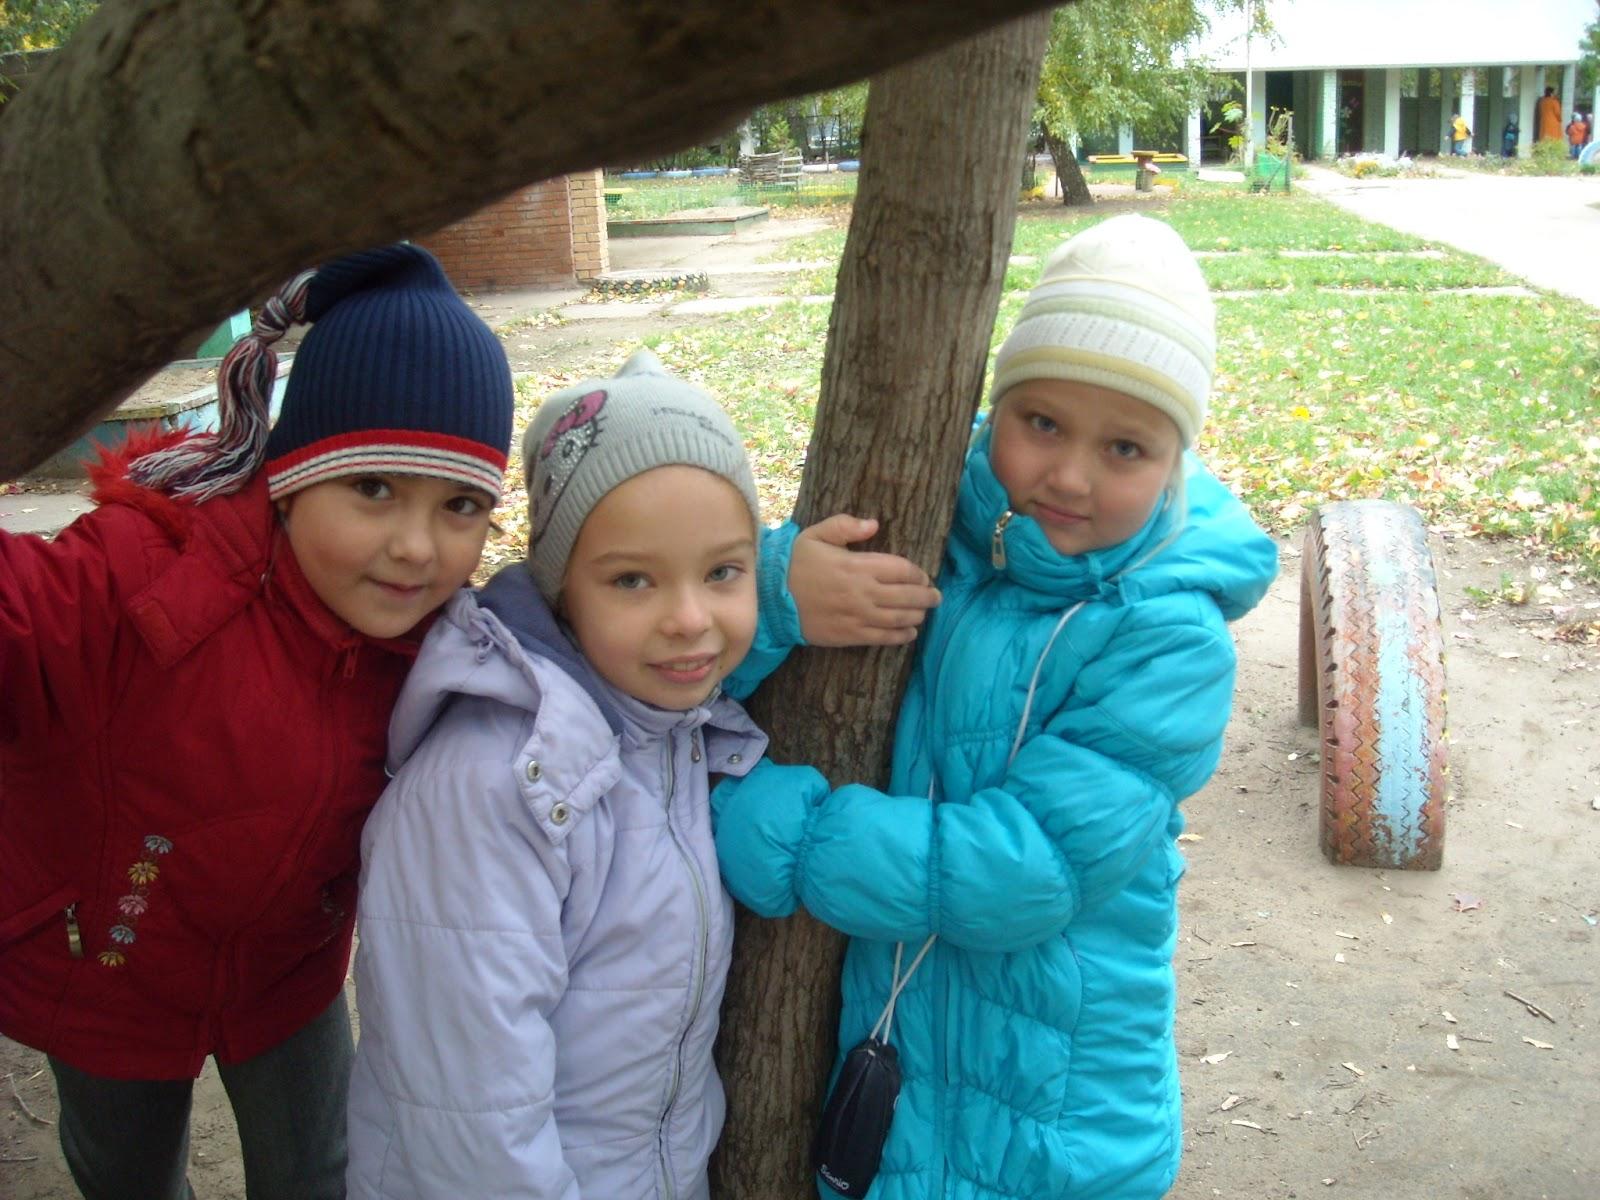 Три веселые подружки фото 7 фотография